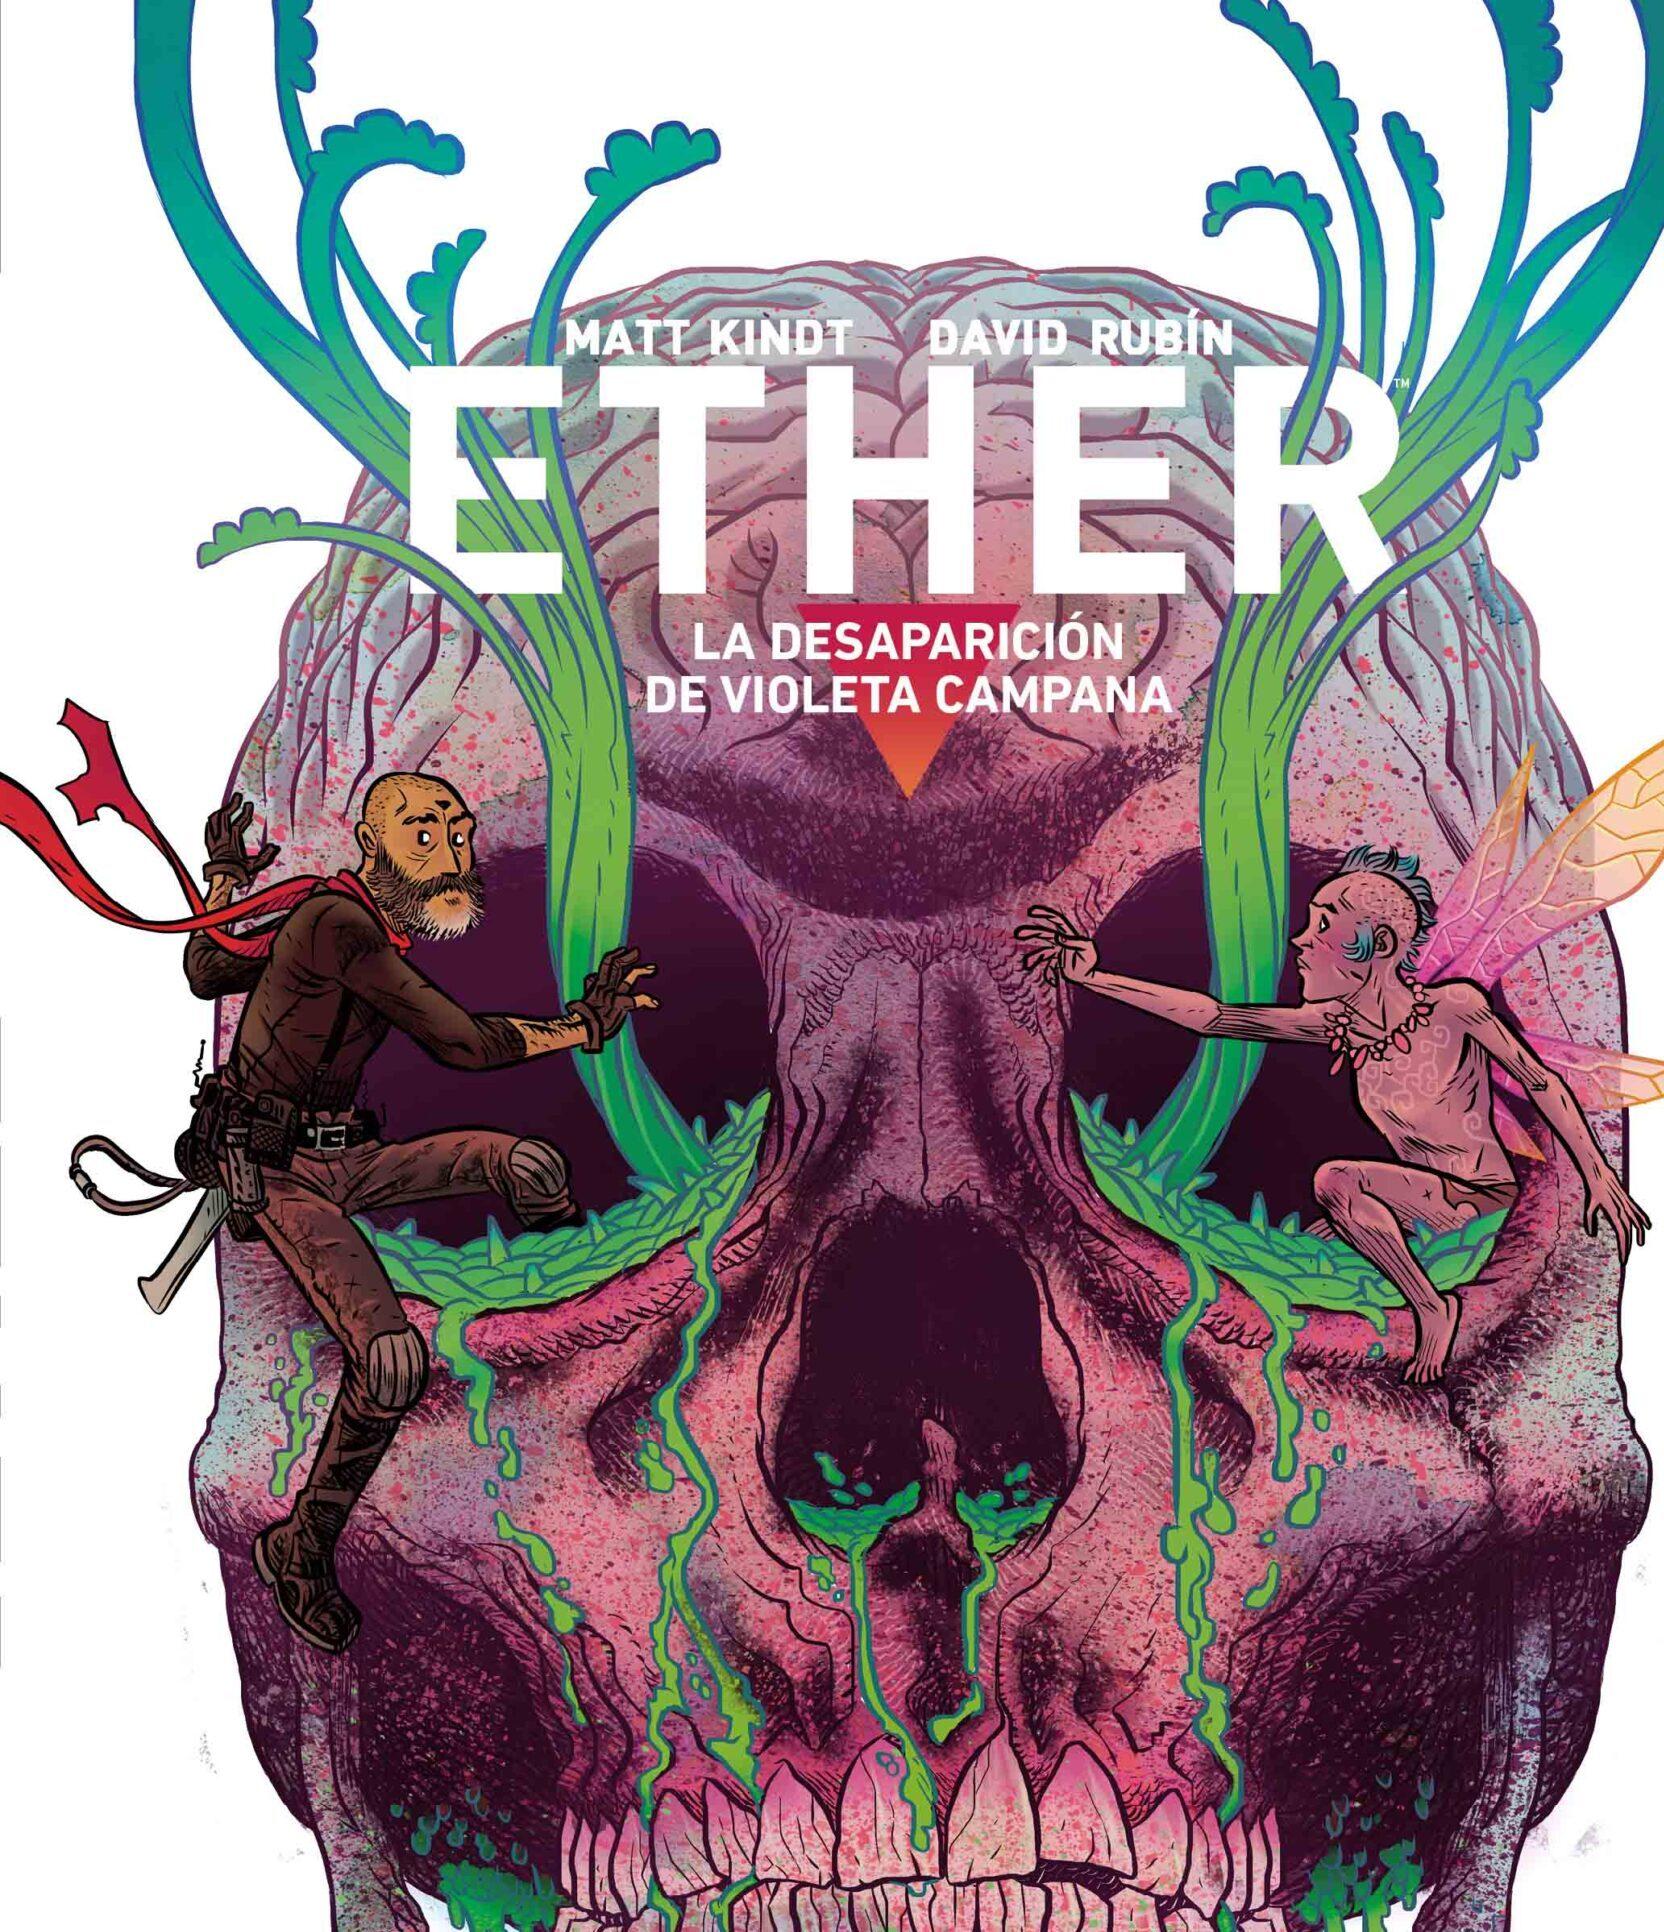 'Ether 3. La desaparición de violeta campana'. Reseña